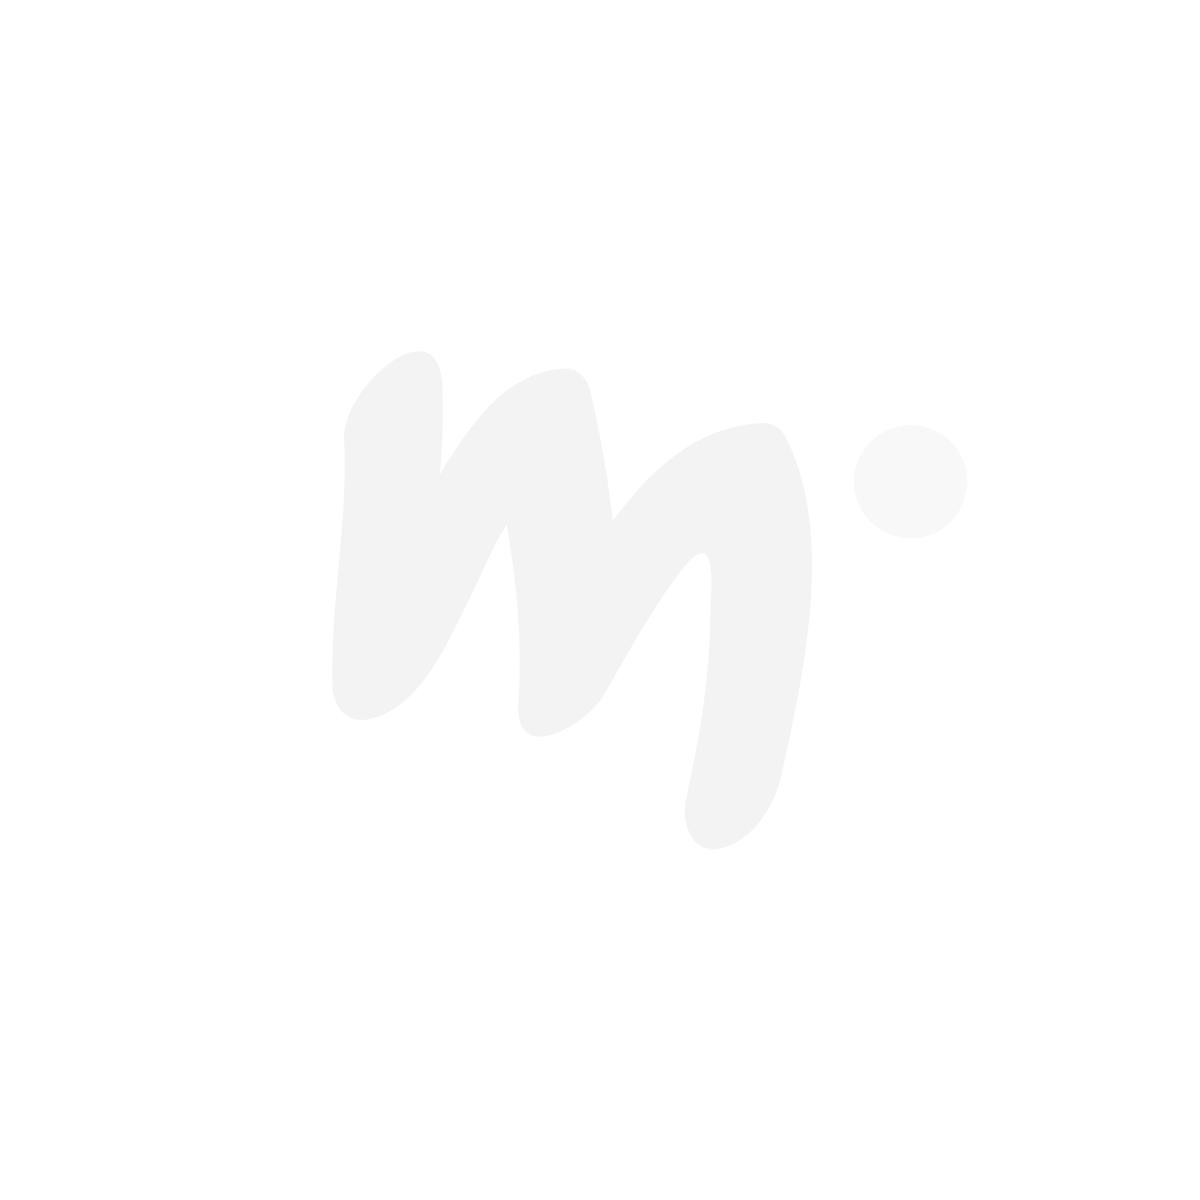 Moomin Snorkmaiden Winter Huggable 53 cm